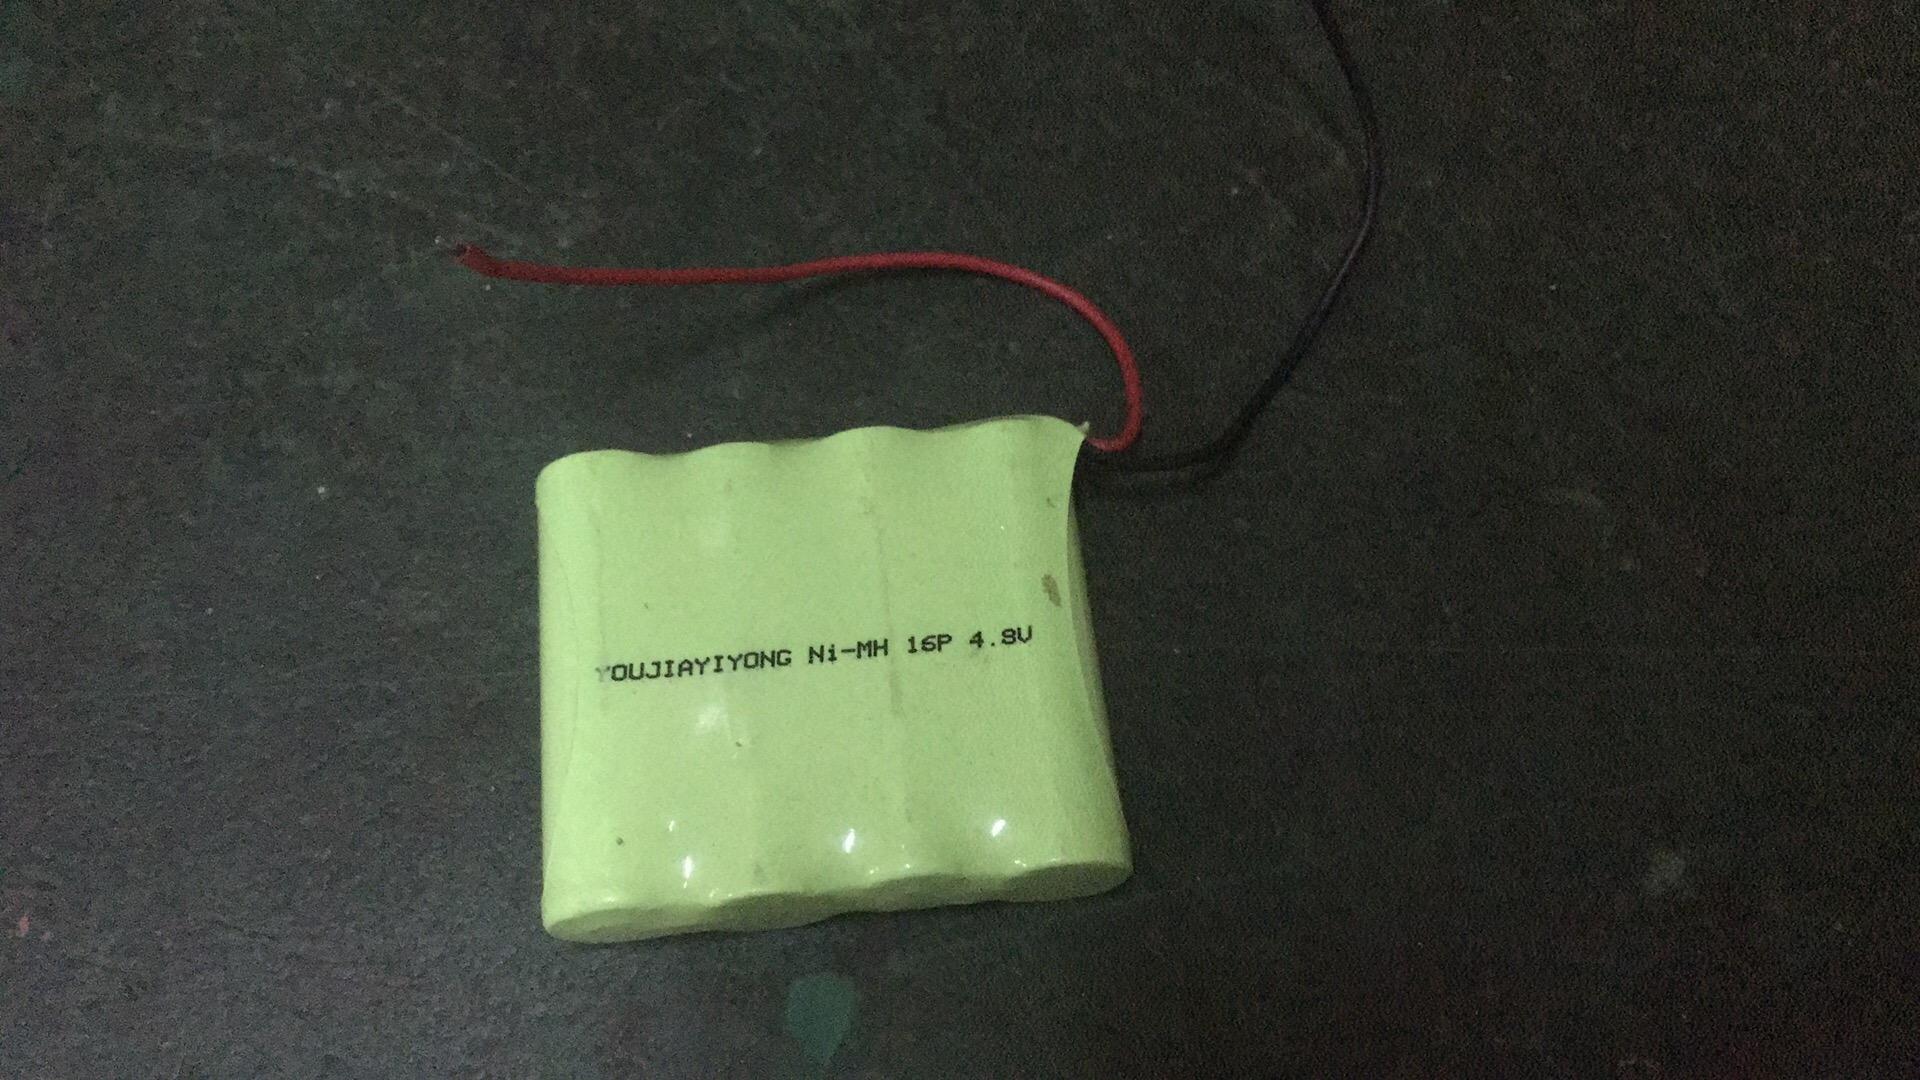 劲松多普勒胎音仪CTJ-1A电池配件